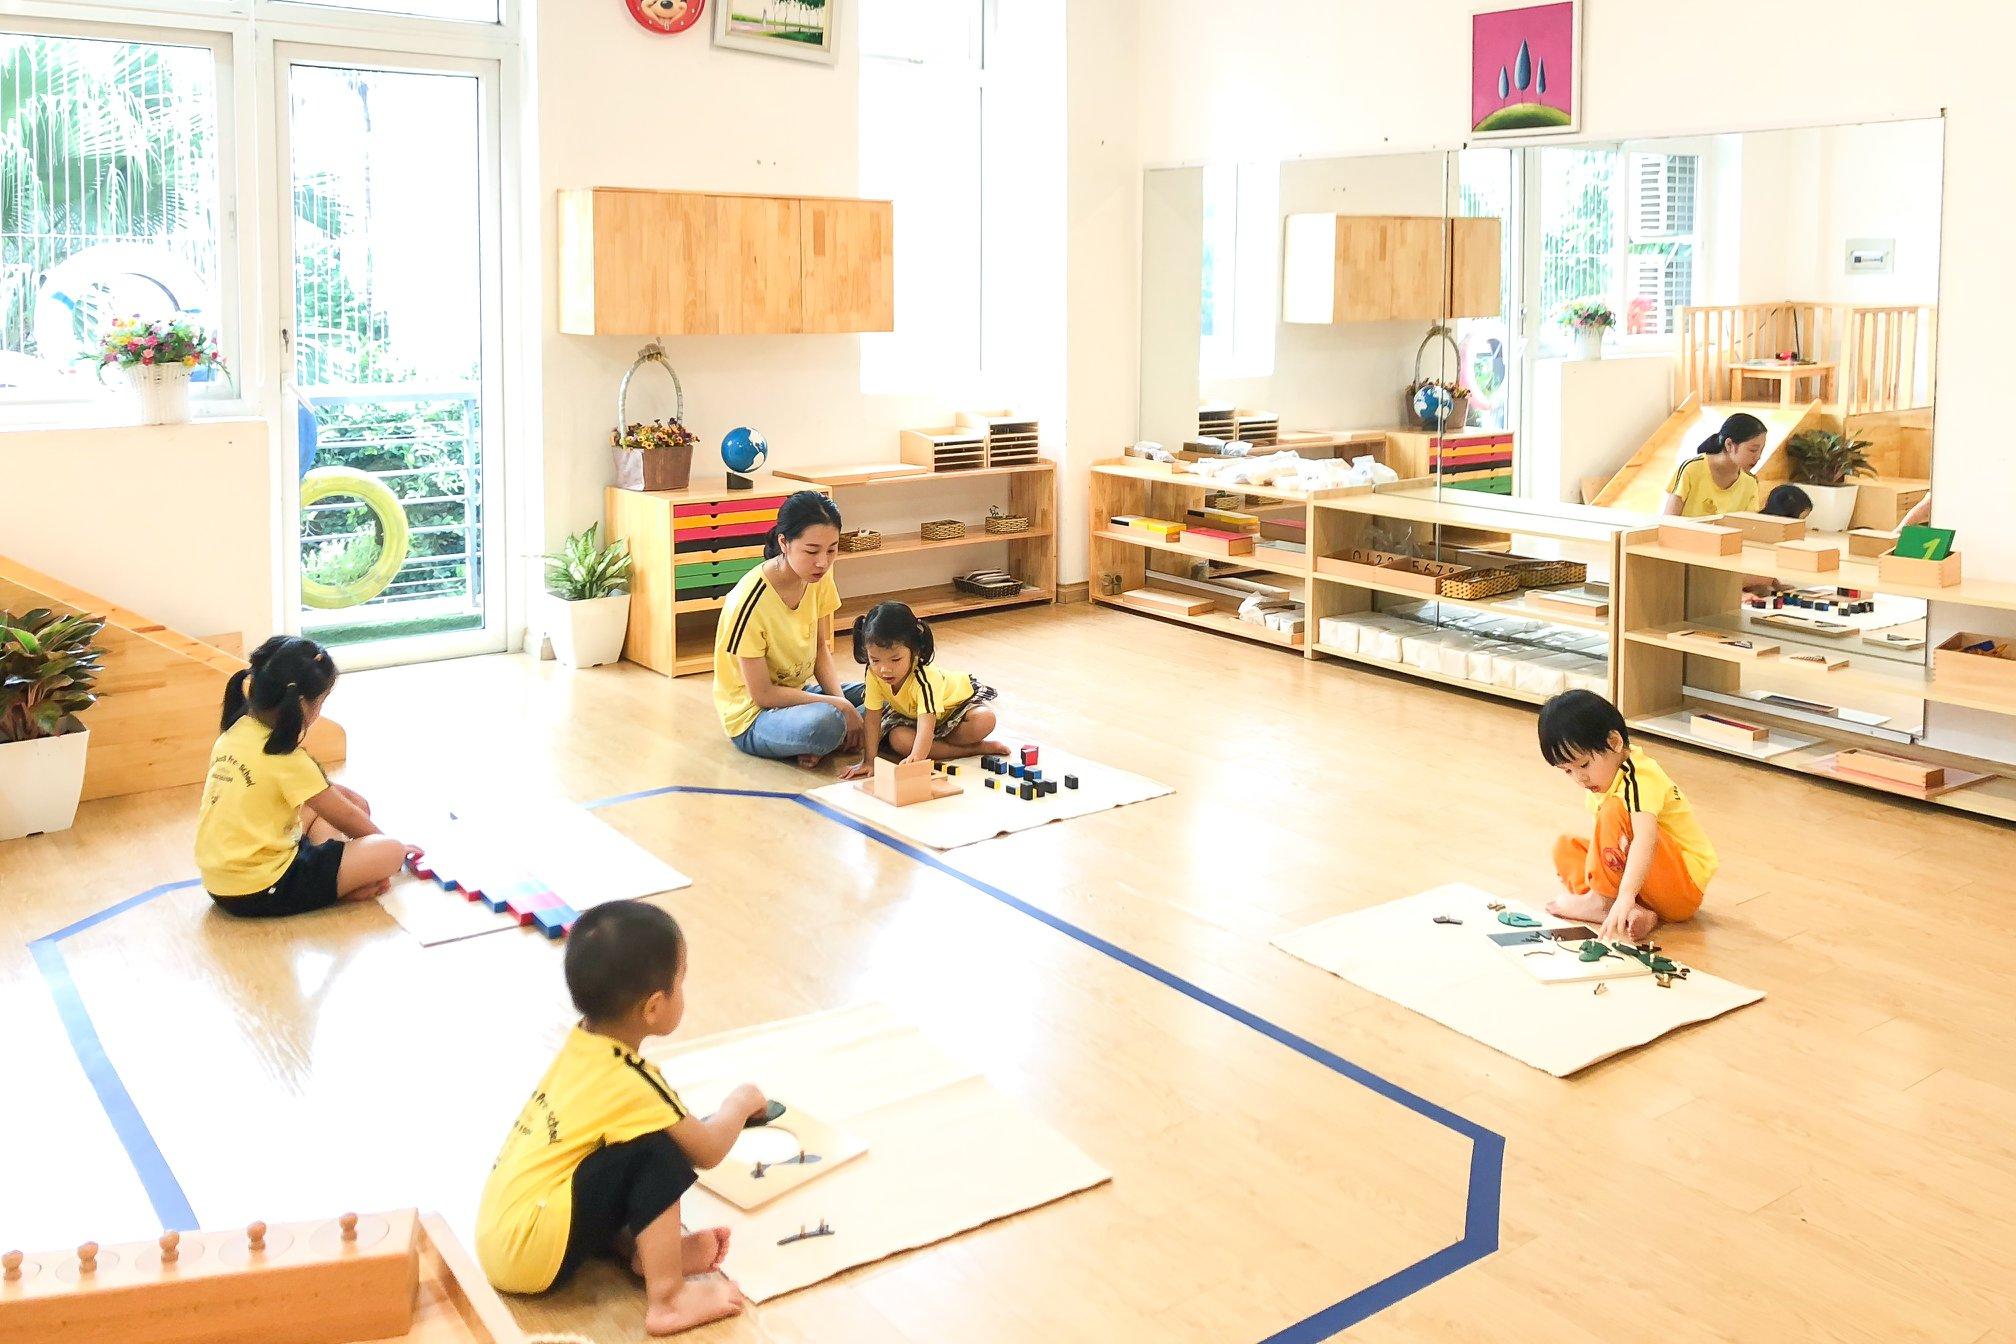 Trường mầm non Những Chú Ong Nhỏ ( Little Bees Preschool ) - Xuân Thủy